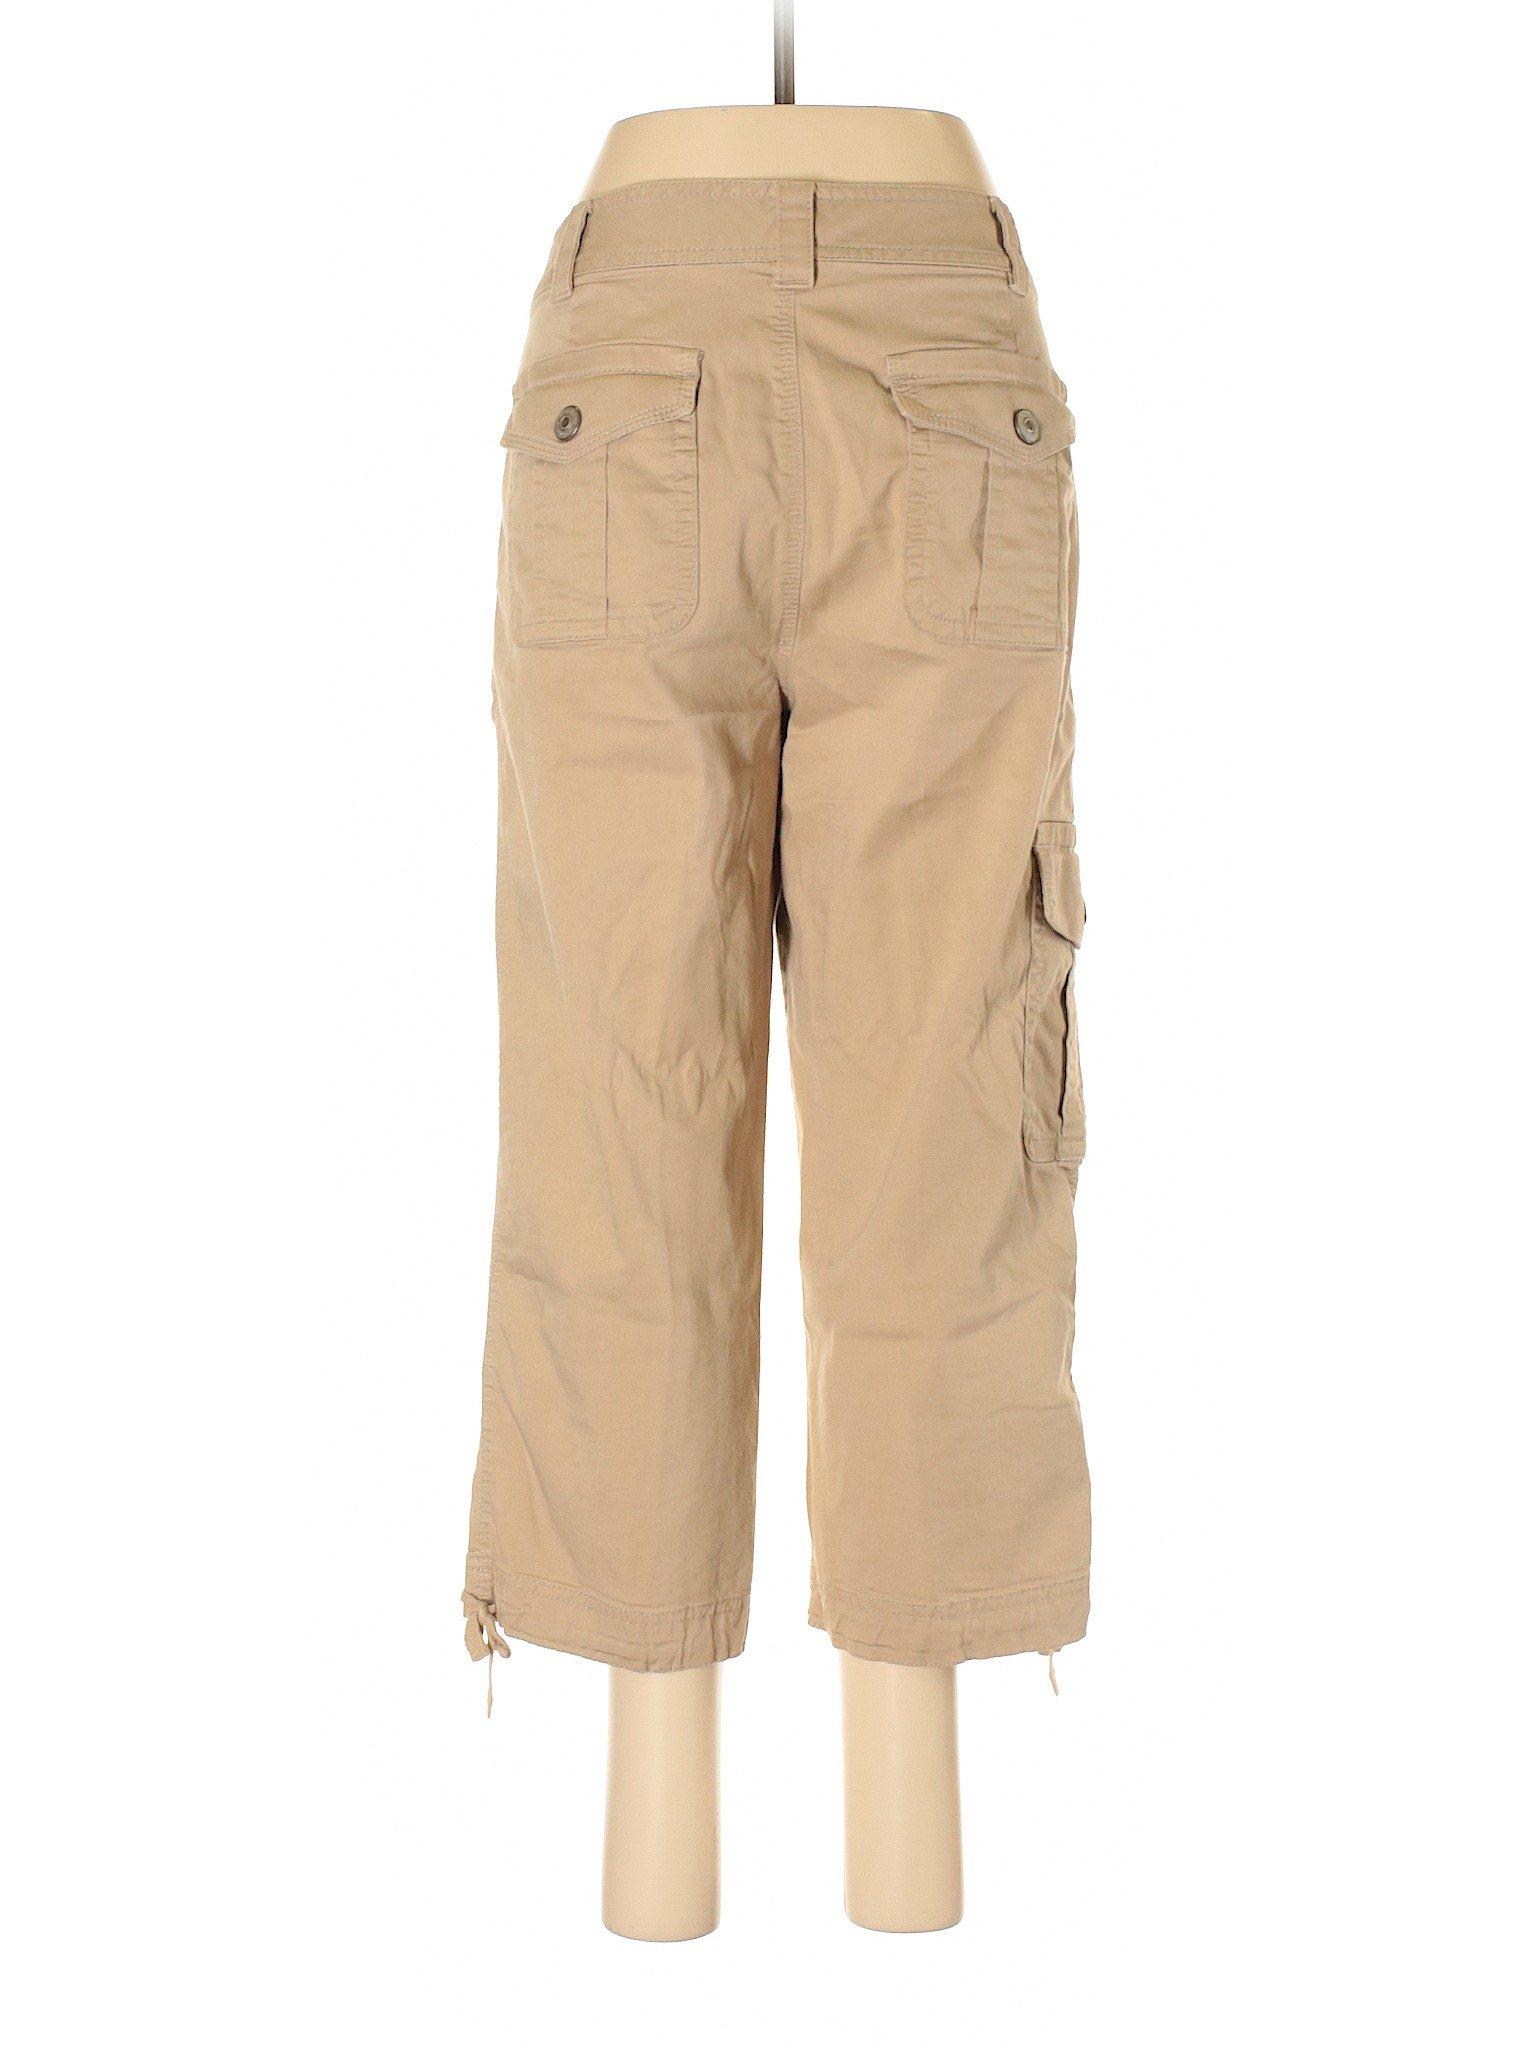 Casual winter Pants Liz Boutique Claiborne qf47x6xZn